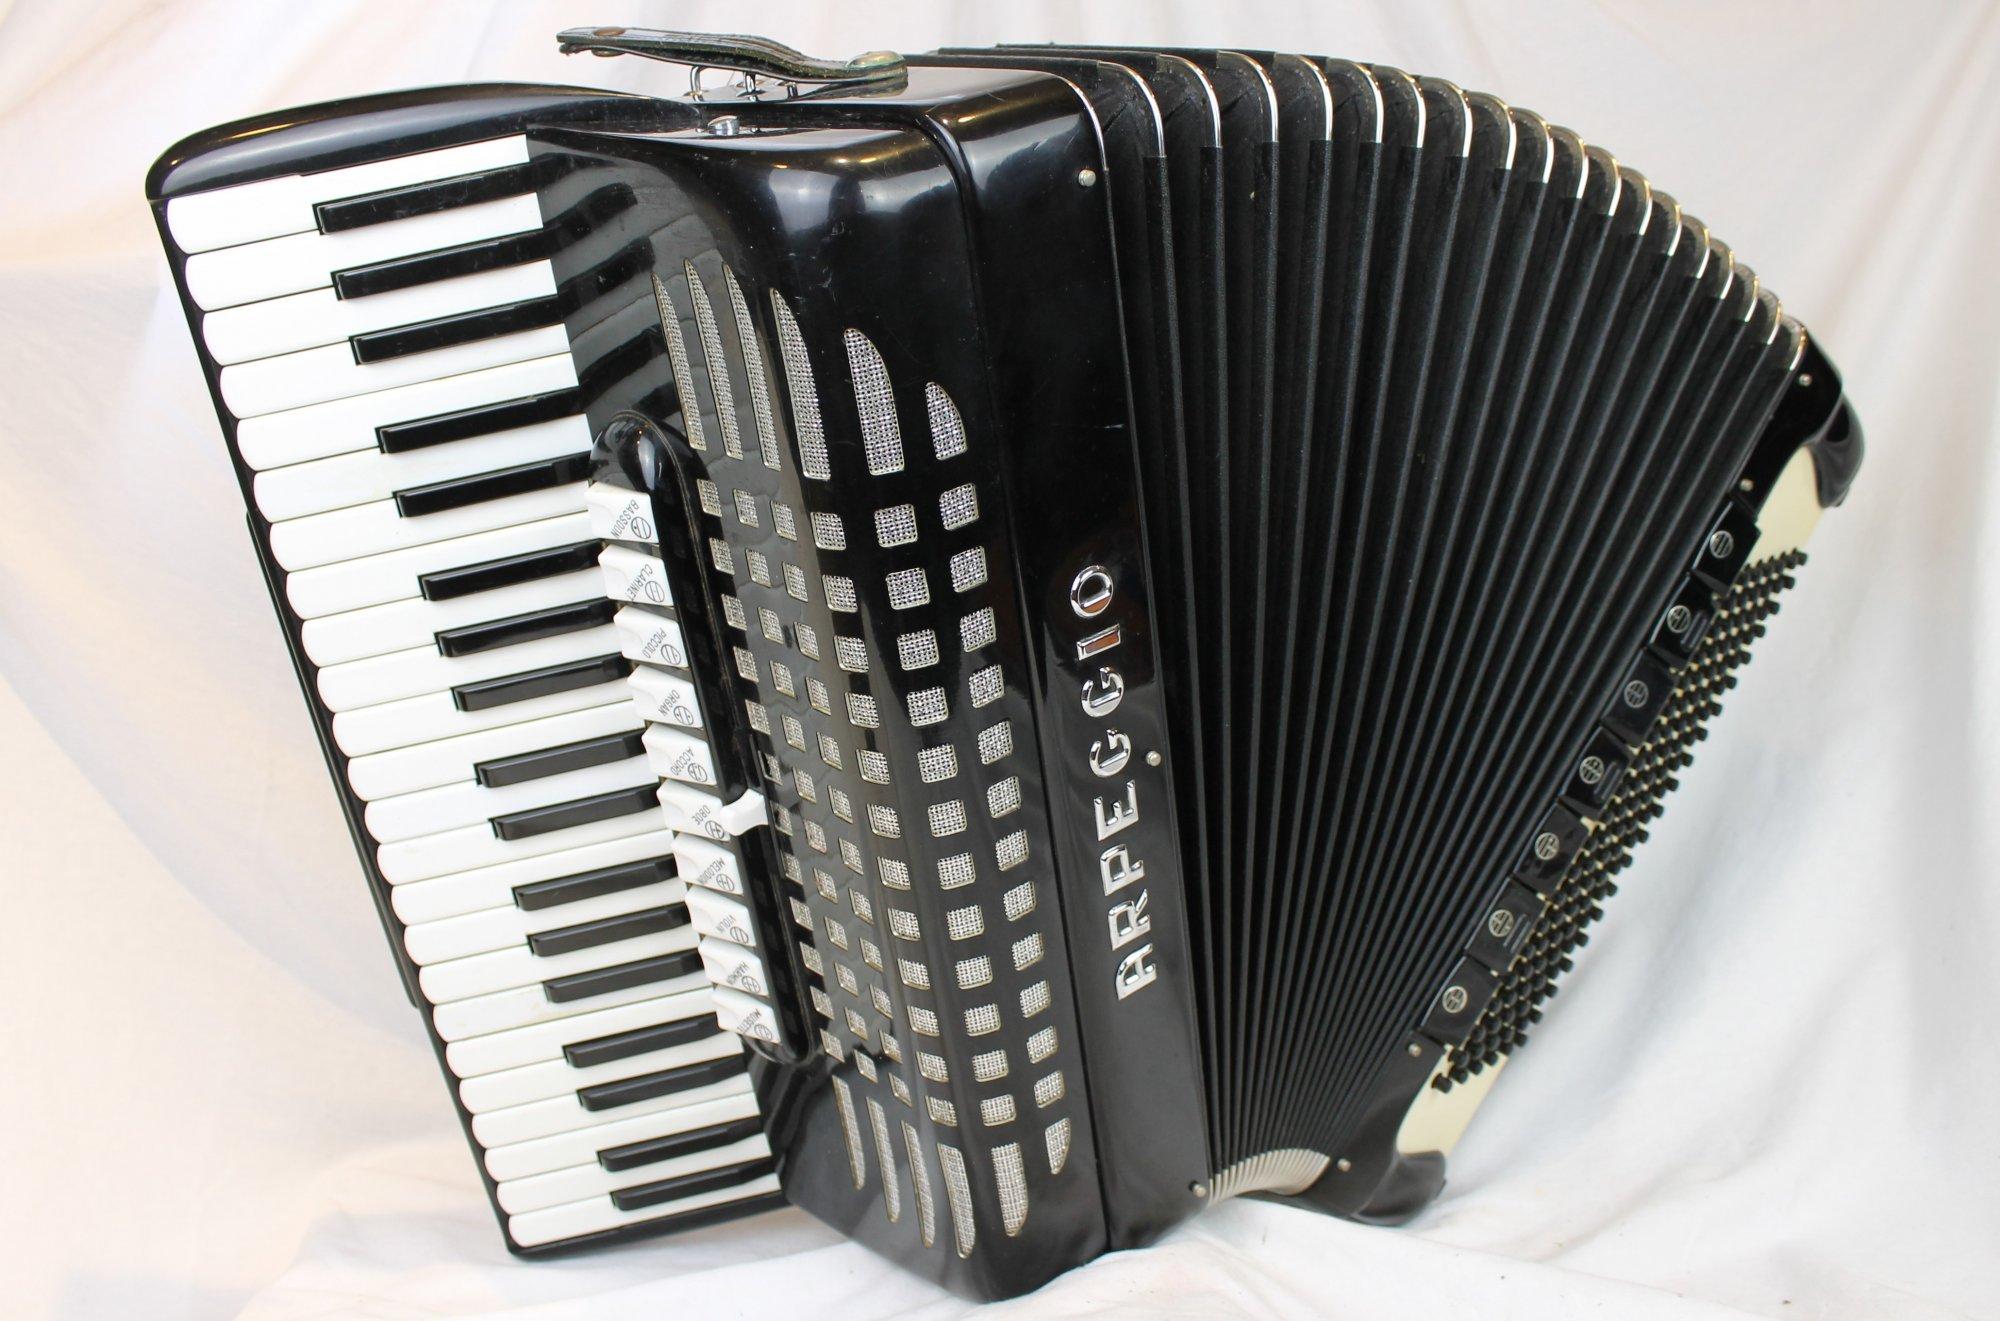 4215 - Black Arpeggio Tone Chamber Piano Accordion LMMH 41 120